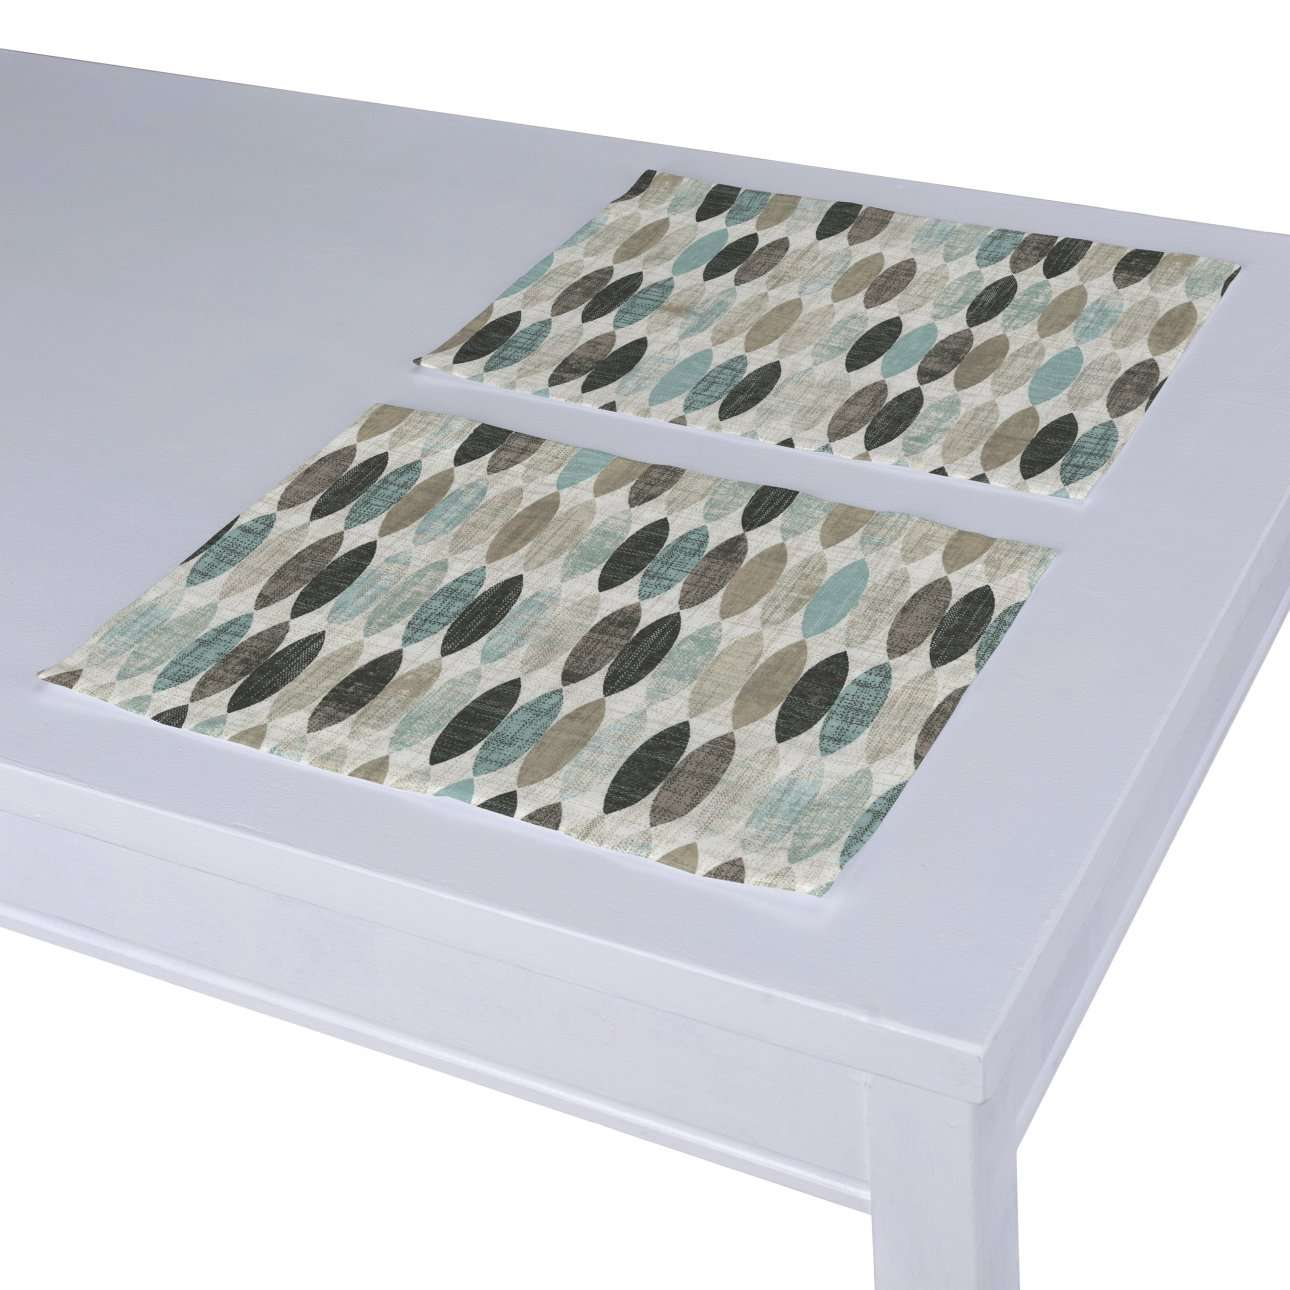 Stalo servetėlės/stalo padėkliukai – 2 vnt. kolekcijoje Modern, audinys: 141-91